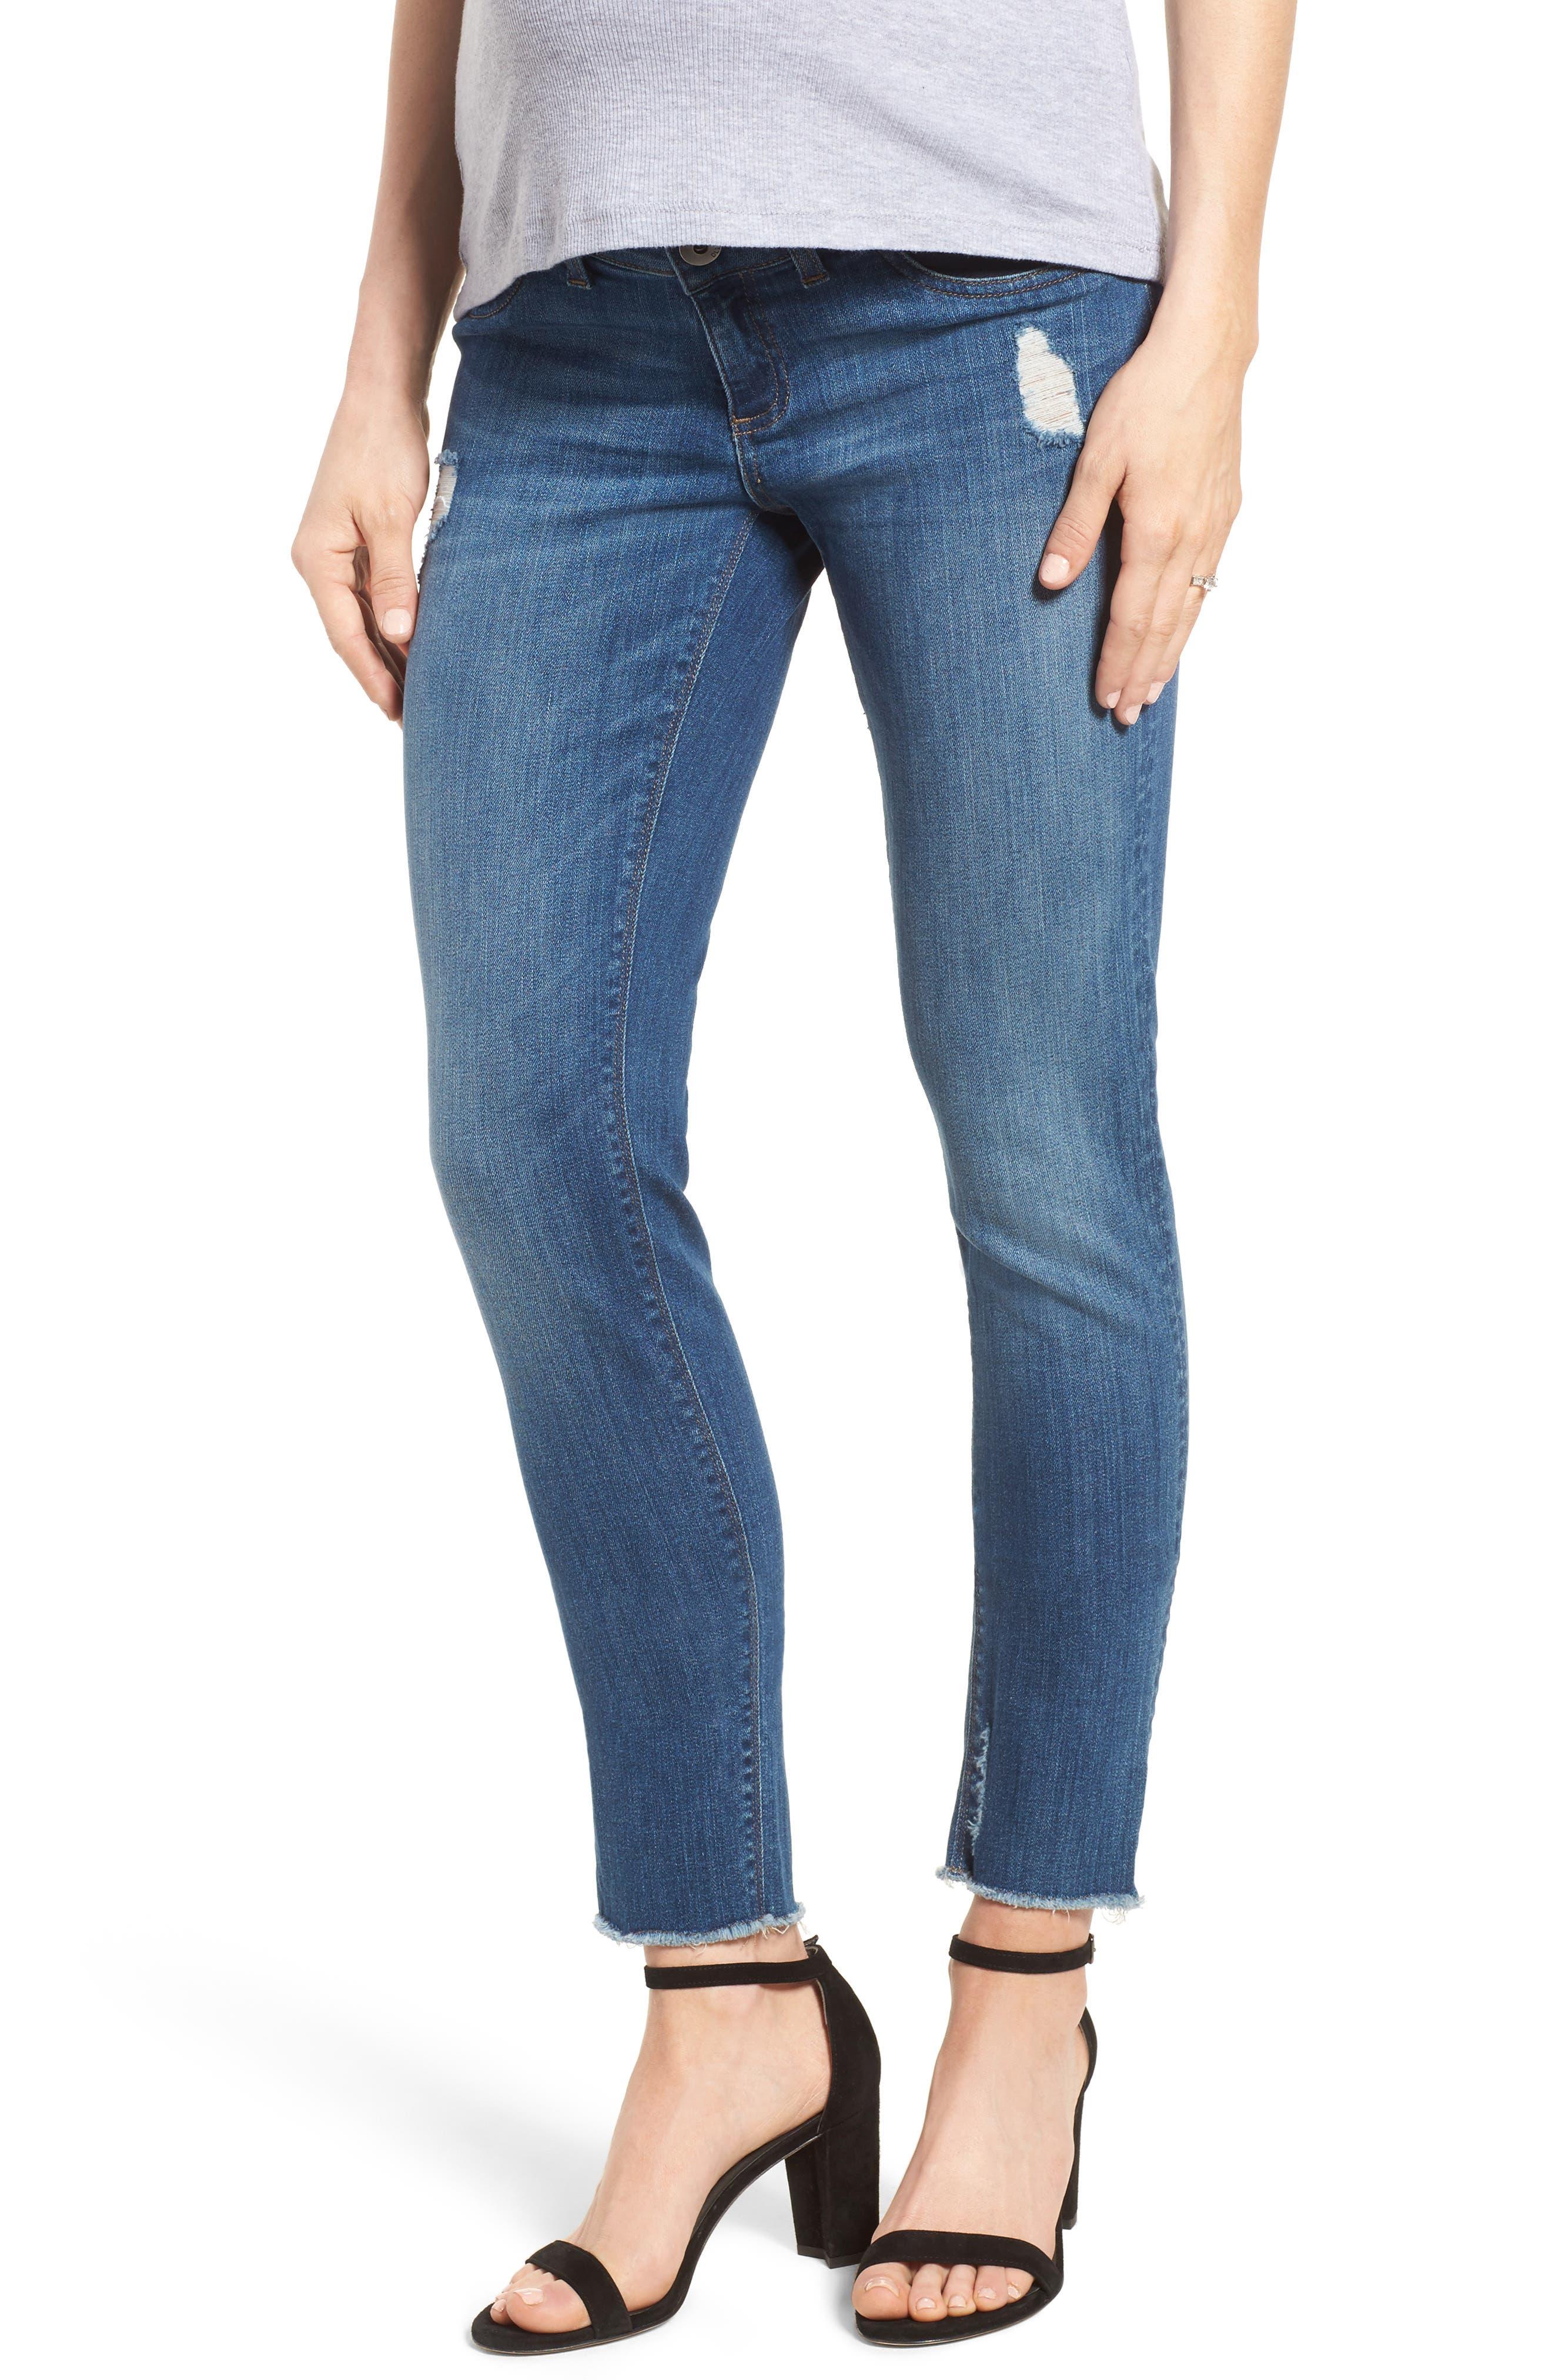 DL1961 Emma Power Legging Maternity Jeans (Strobe)